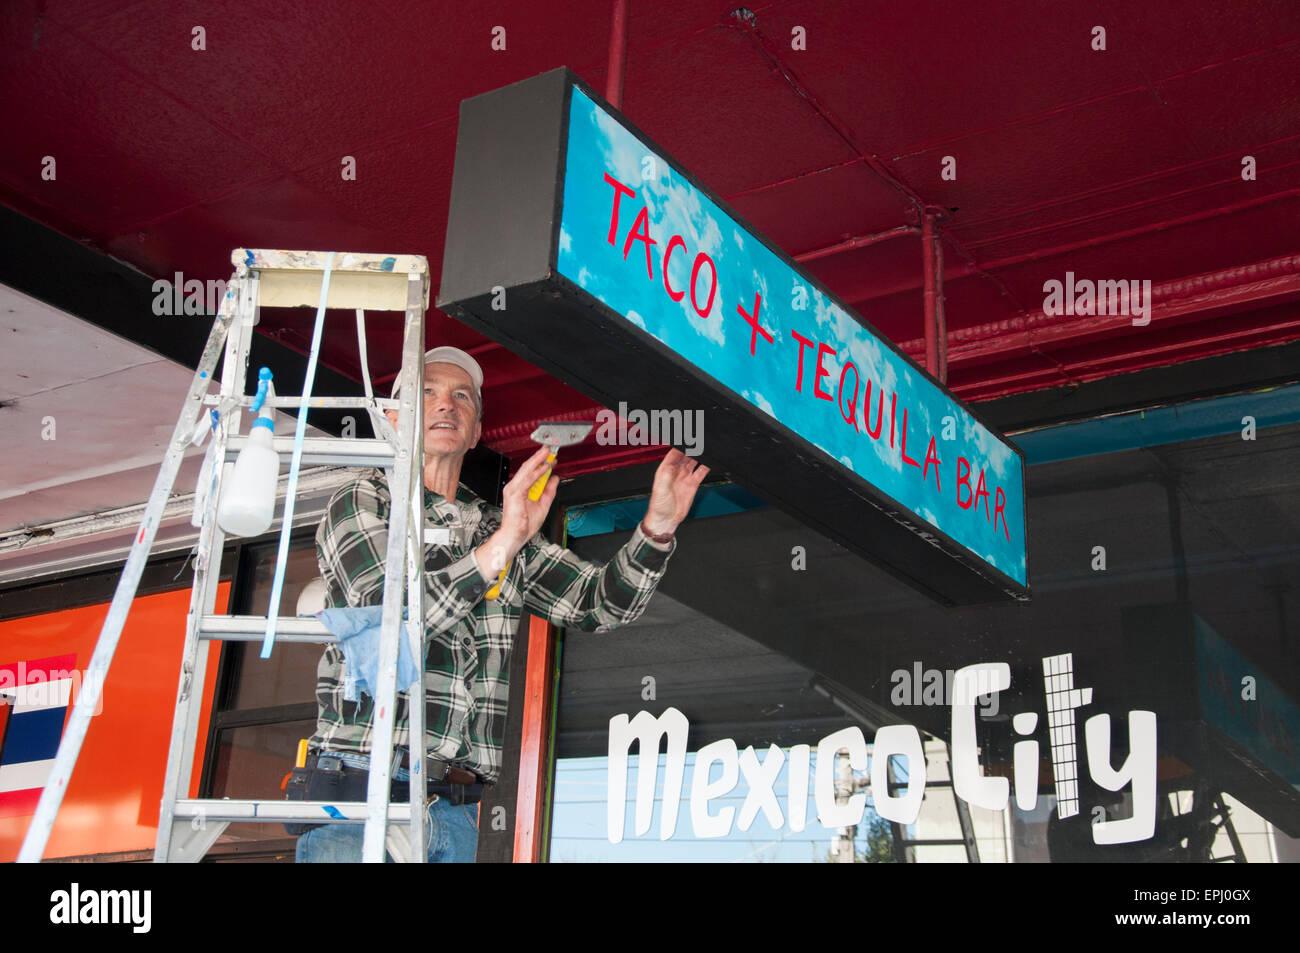 Australian Retail Shops Stock Photos & Australian Retail